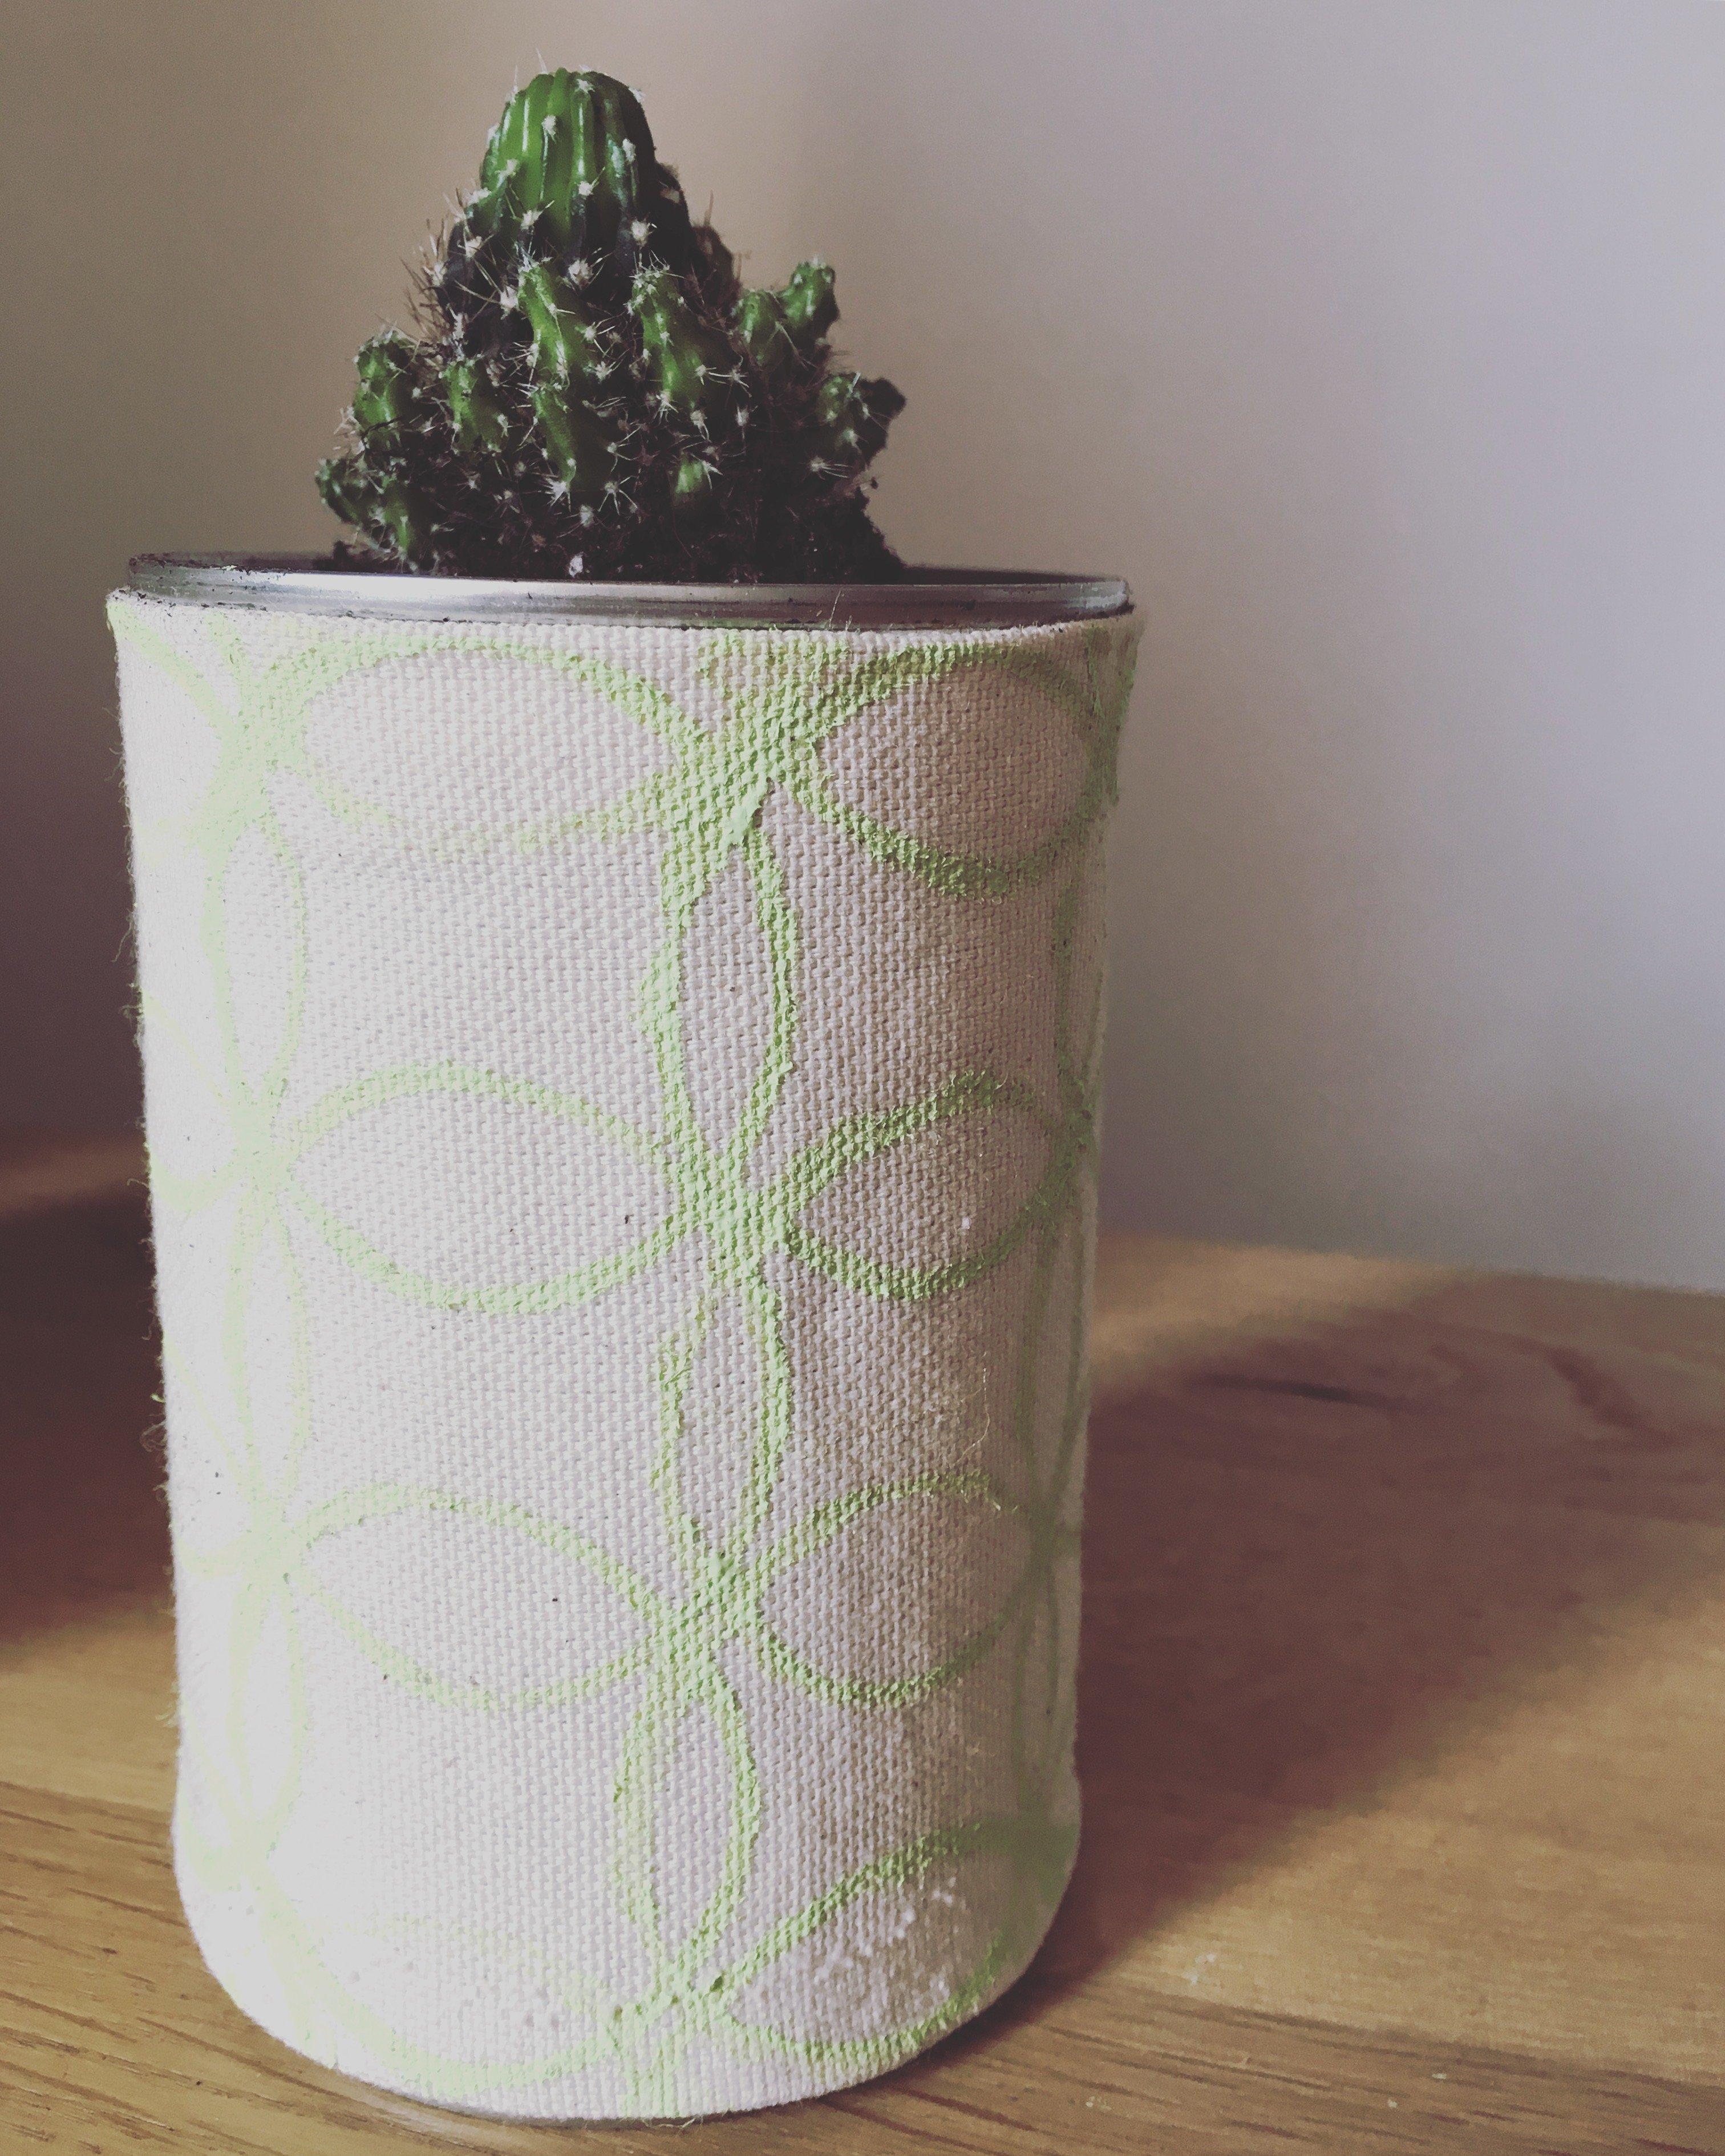 tutoriel diy diy f te des p res jardinet r cup pour papounet le titre de votre tutoriel. Black Bedroom Furniture Sets. Home Design Ideas